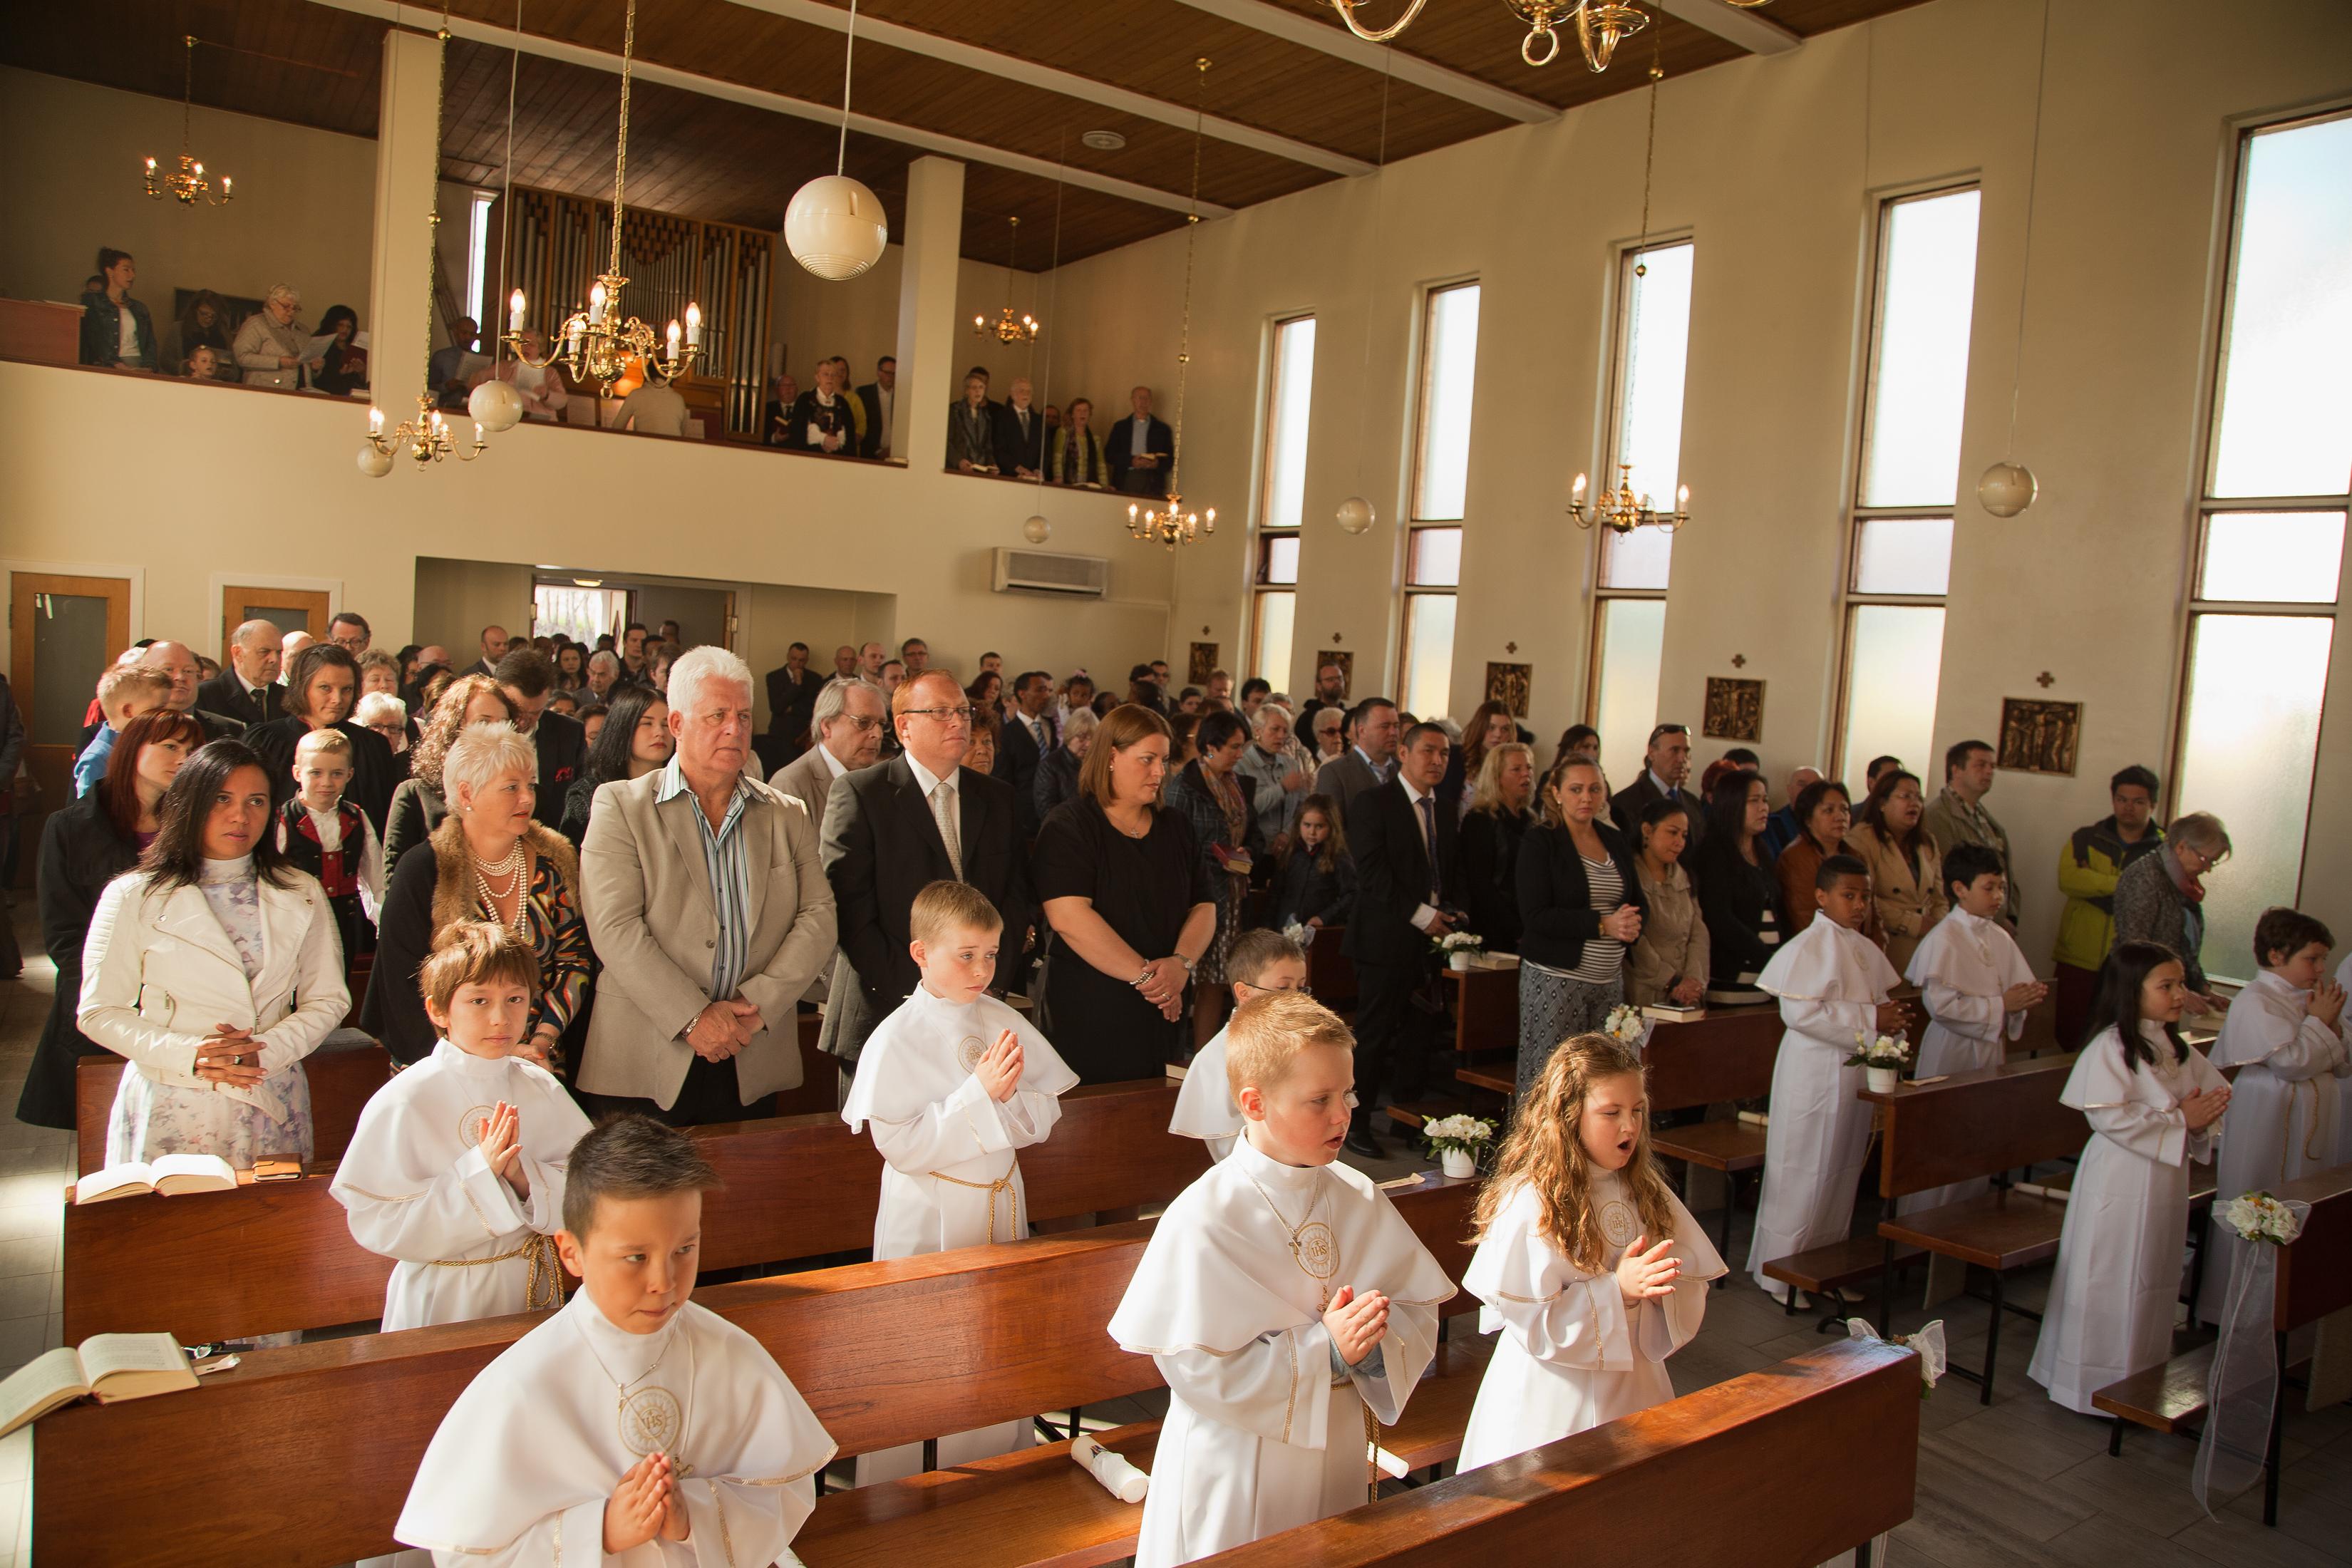 katolske sanger møre og romsdal